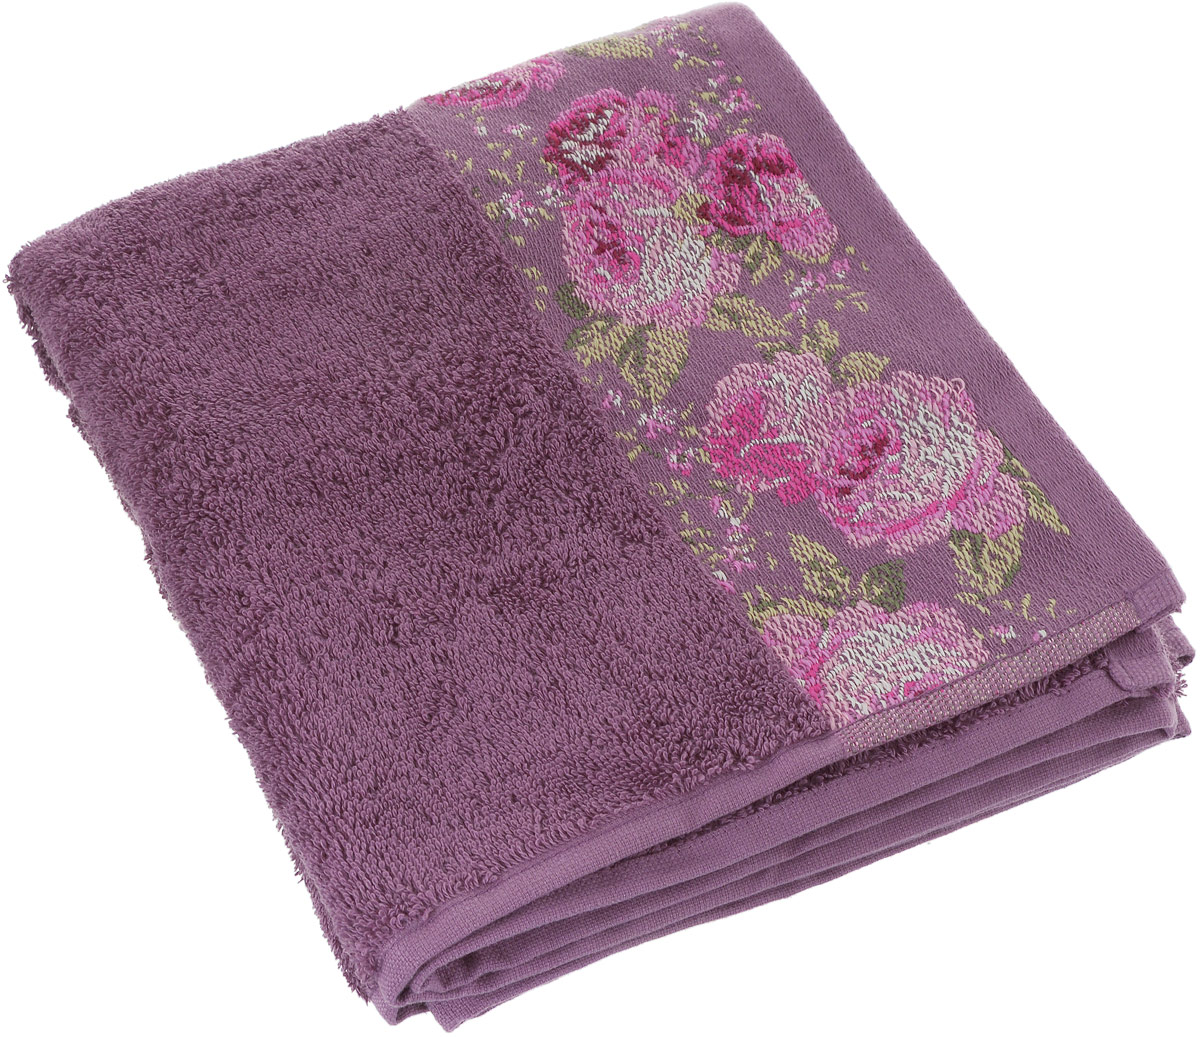 Полотенце Arya Desima, цвет: пурпурный, 50 x 90 смTR1002516_ПурпурныйТурецкое полотенце от компании Ария из махры .Компания Arya является признанным турецким лидером на рынке постельных принадлежностей и текстиля для дома. Поэтому Вы можете быть уверены, что приобретенные текстильные изделия доставит Вам и Вашим близким удовольствие